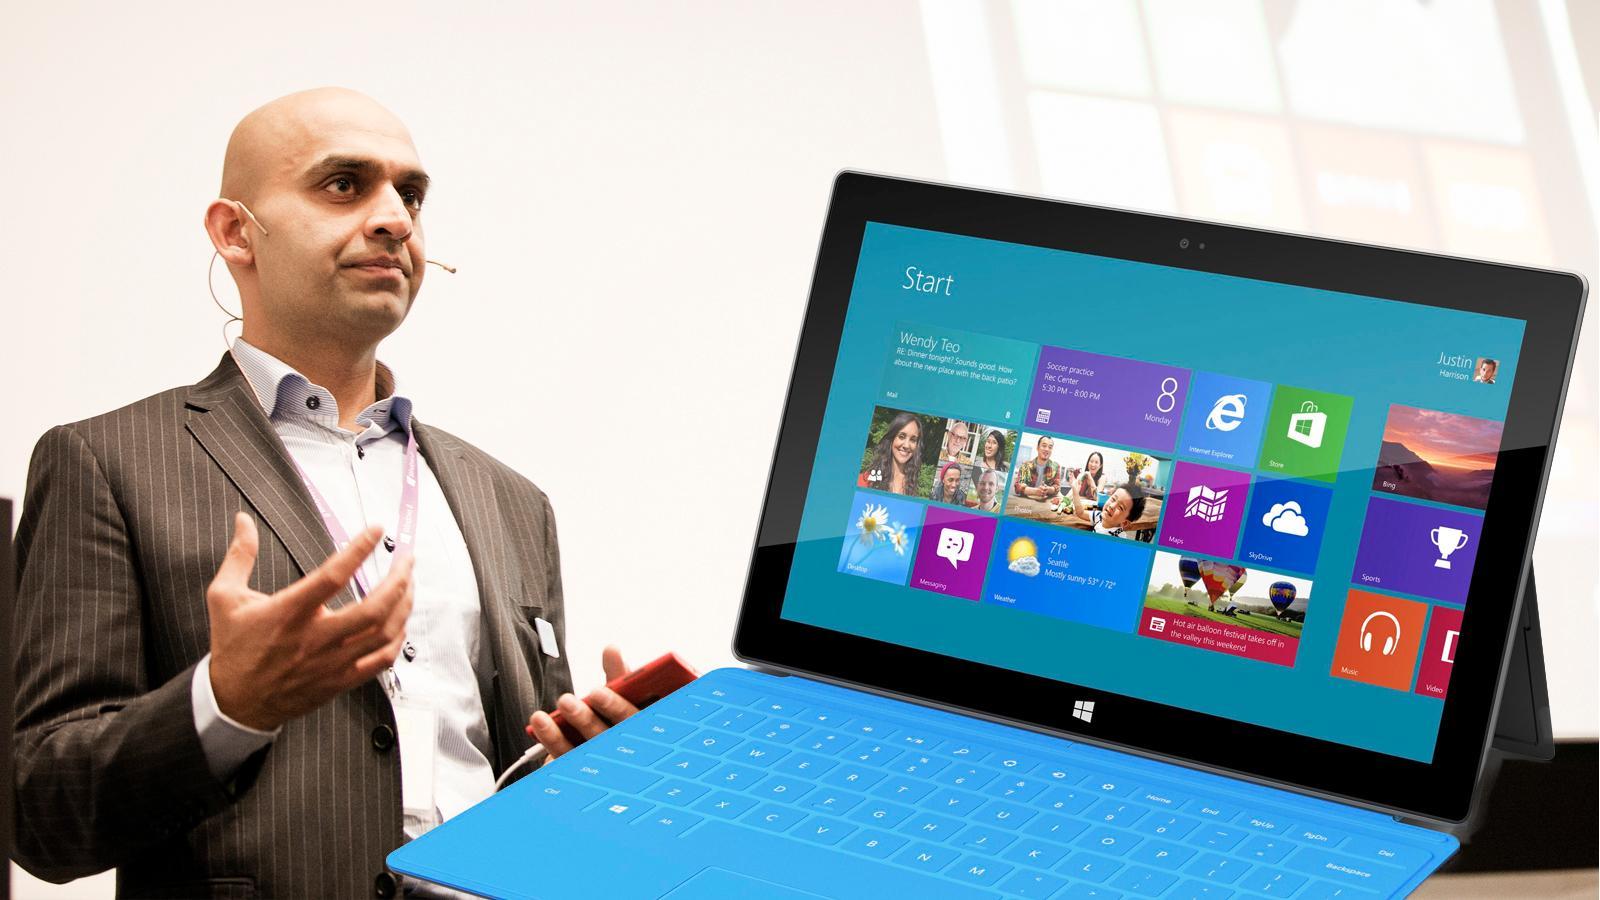 Kommer de kjente appene til Windows-nettbrettene?